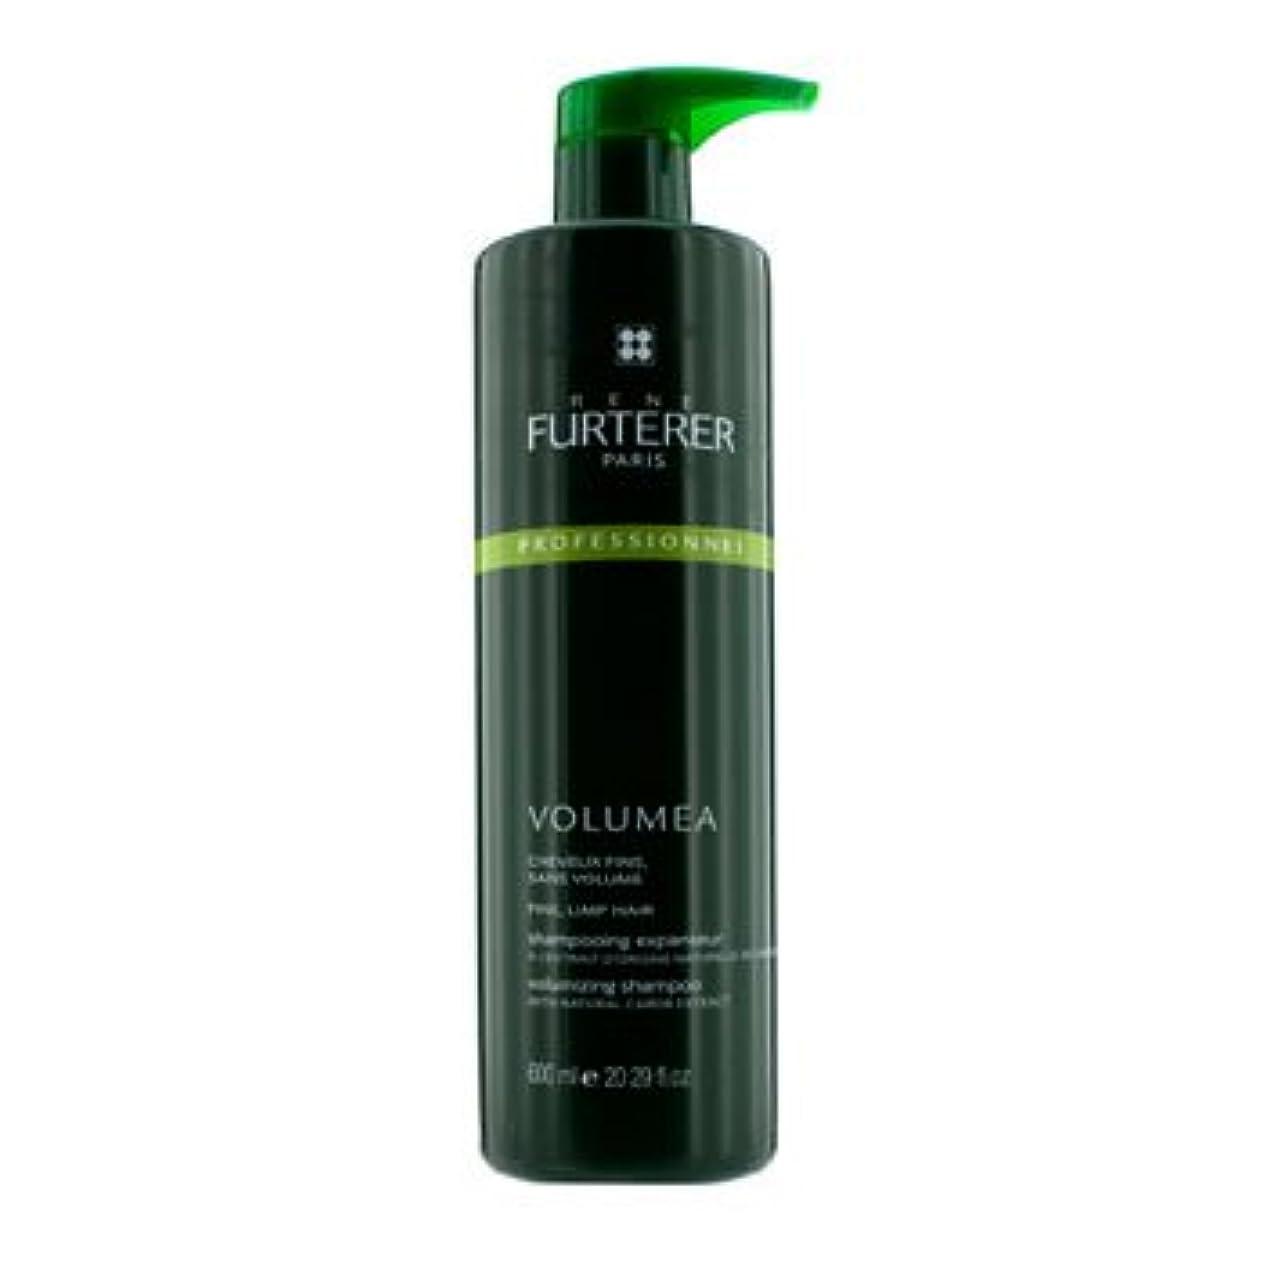 アセンブリ看板足[Rene Furterer] Volumea Volumizing Shampoo (For Fine and Limp Hair) 600ml/20.29oz